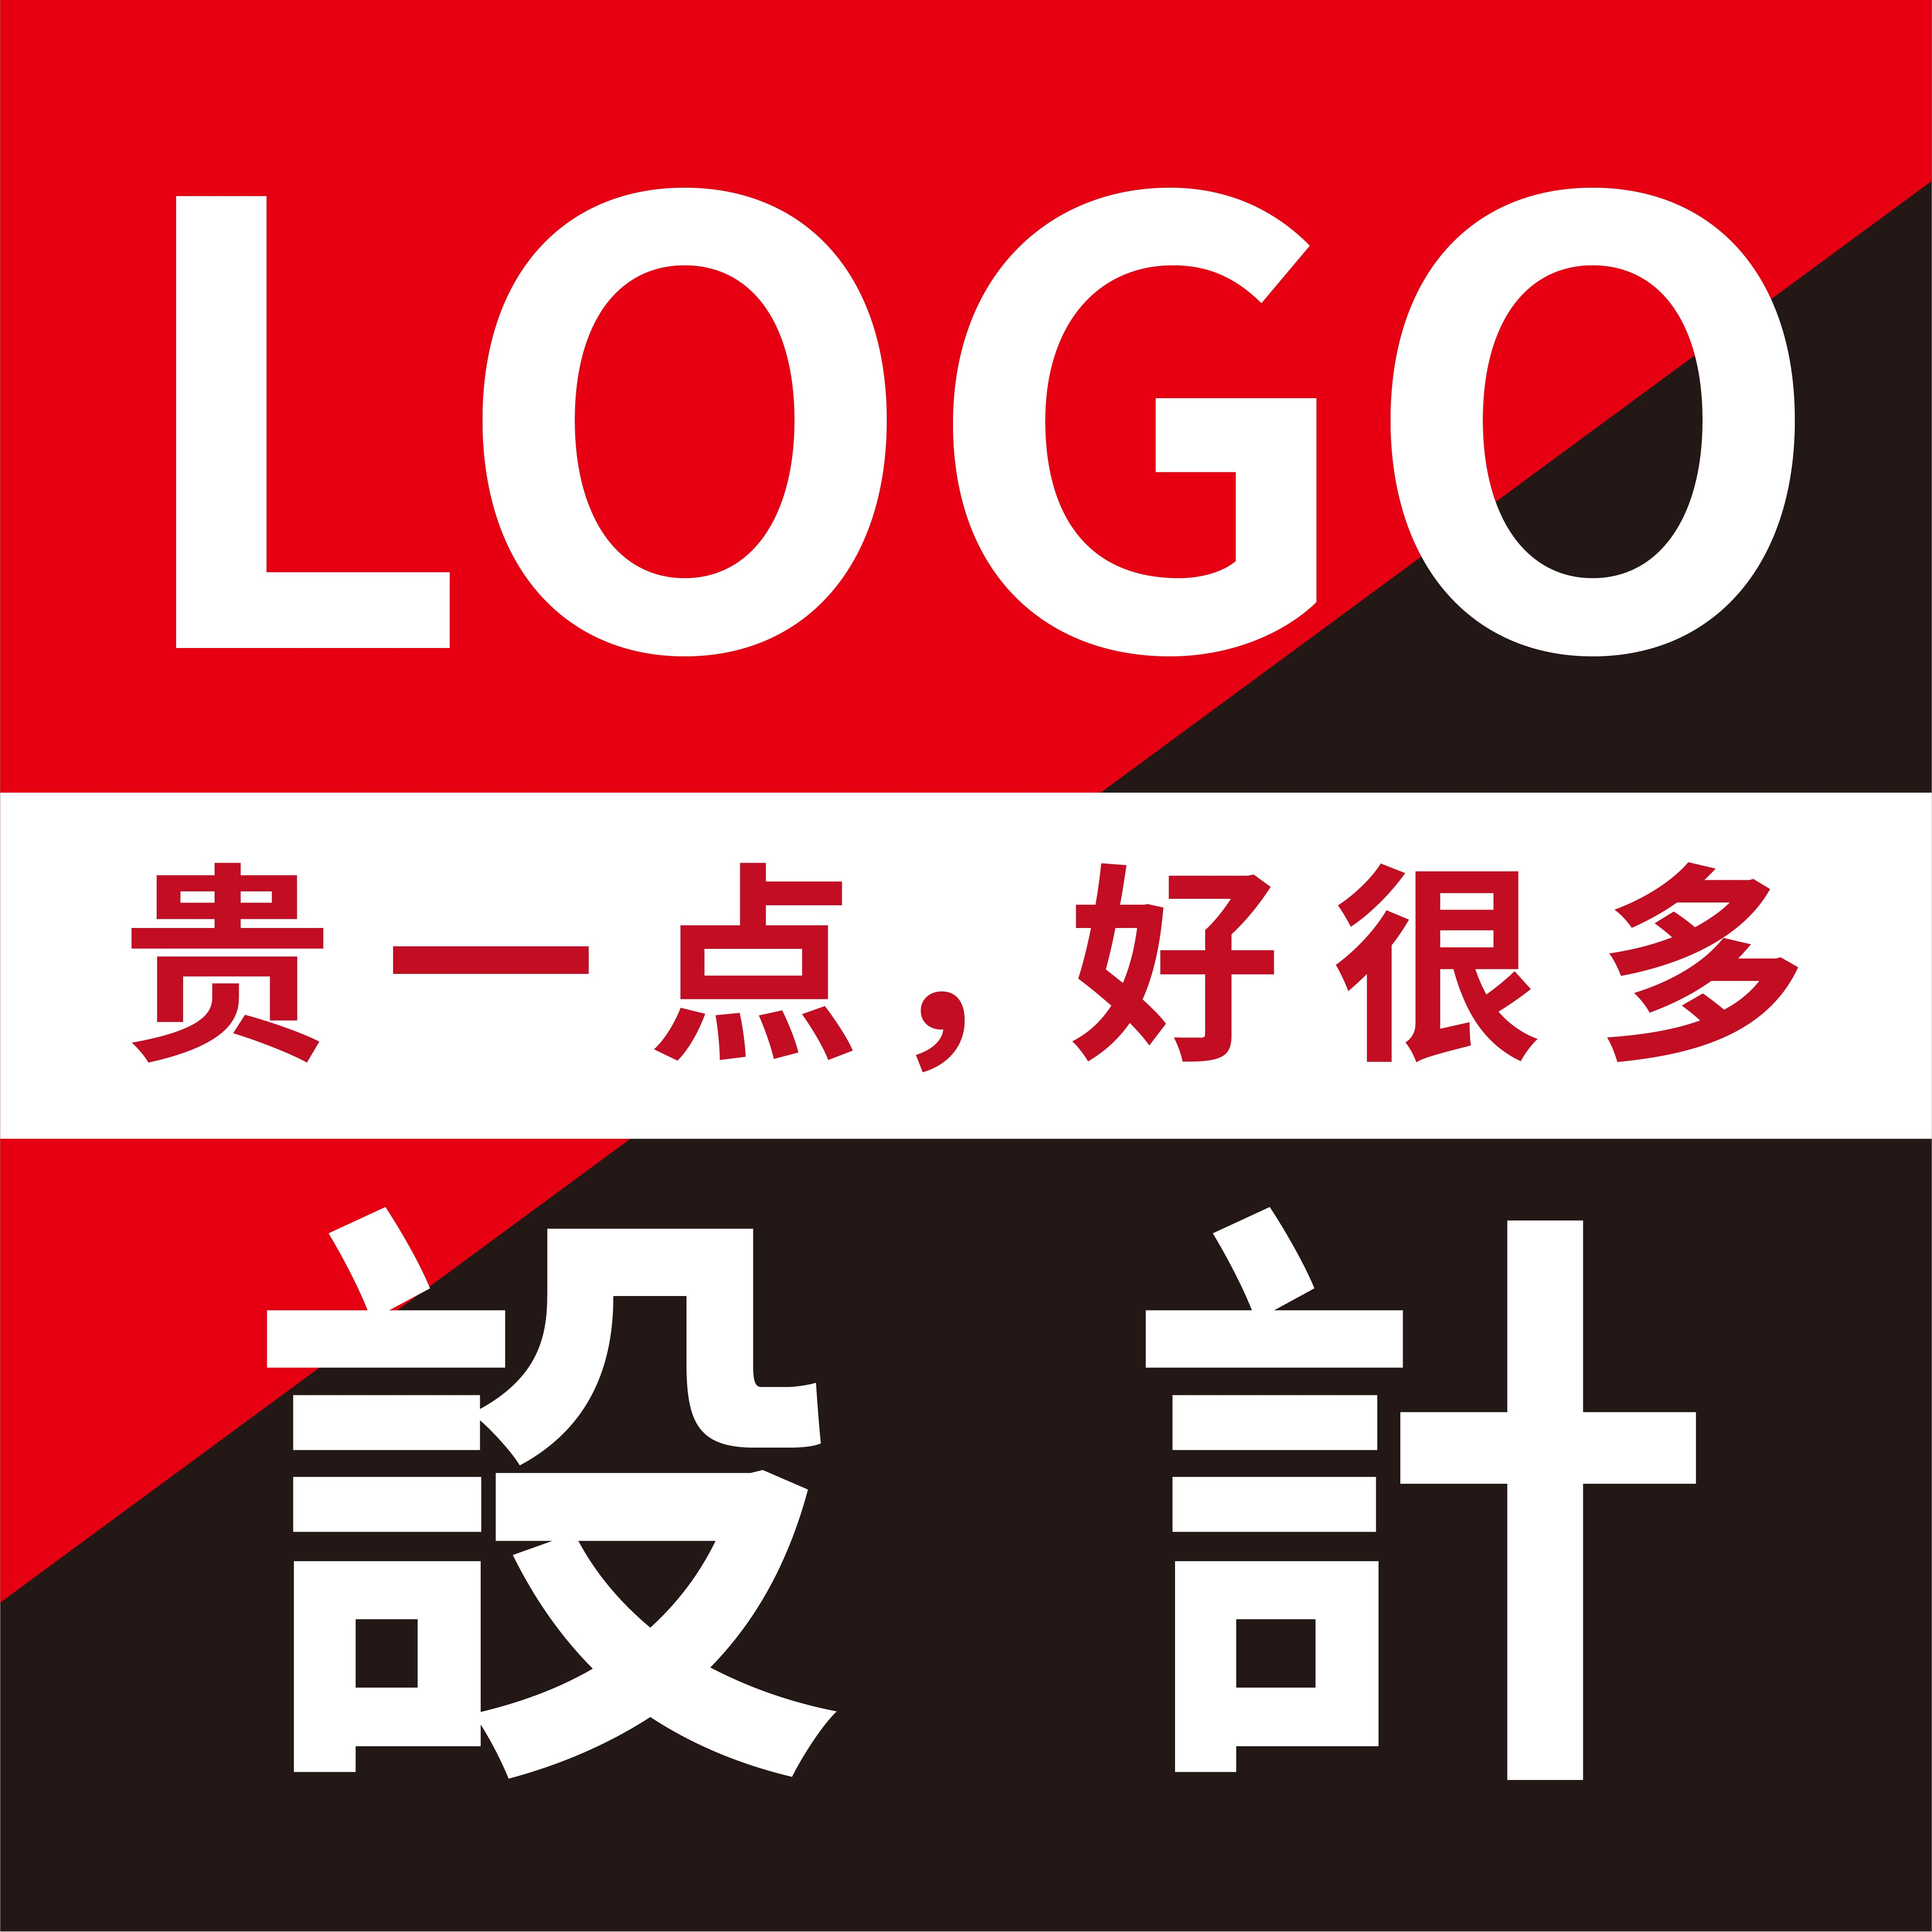 企业公司品牌logo设计图文标志商标图标LOGO画册精品套餐